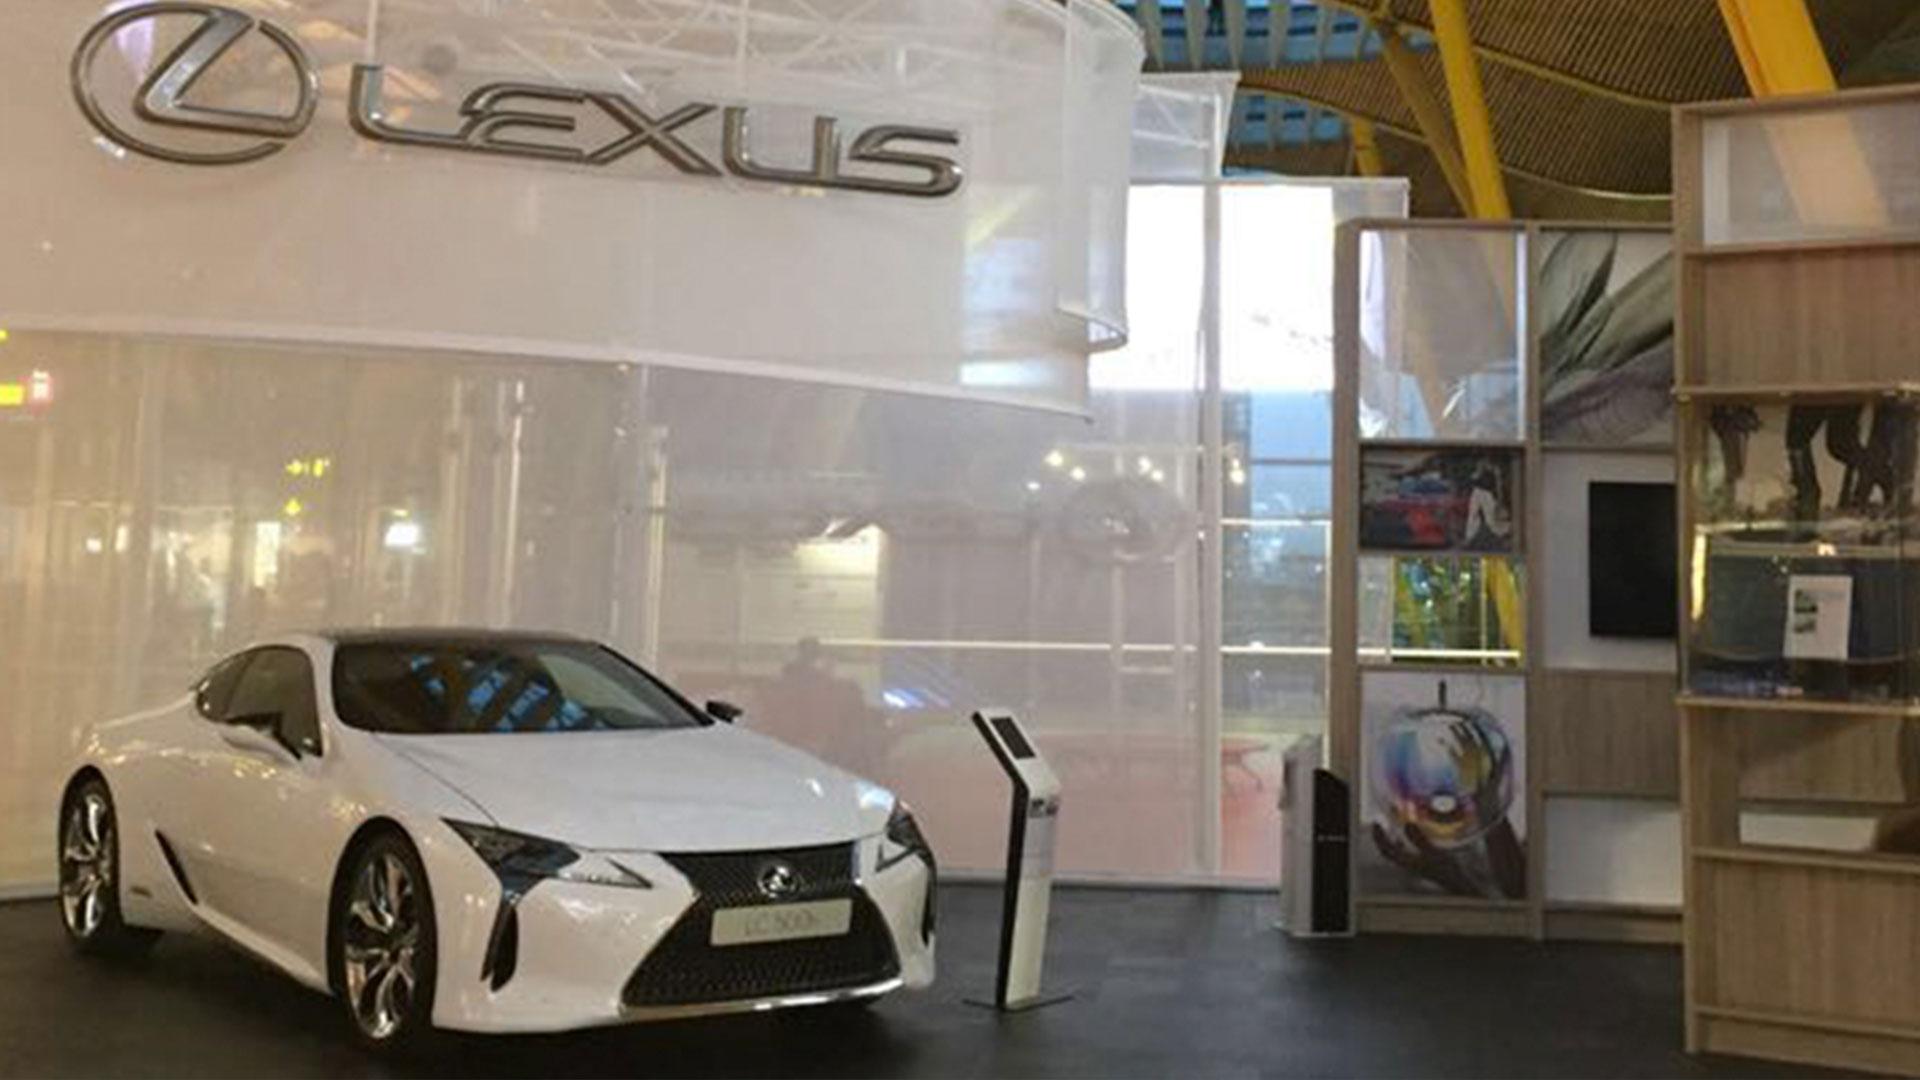 Lexus en el aeropuerto de madrid hero asset